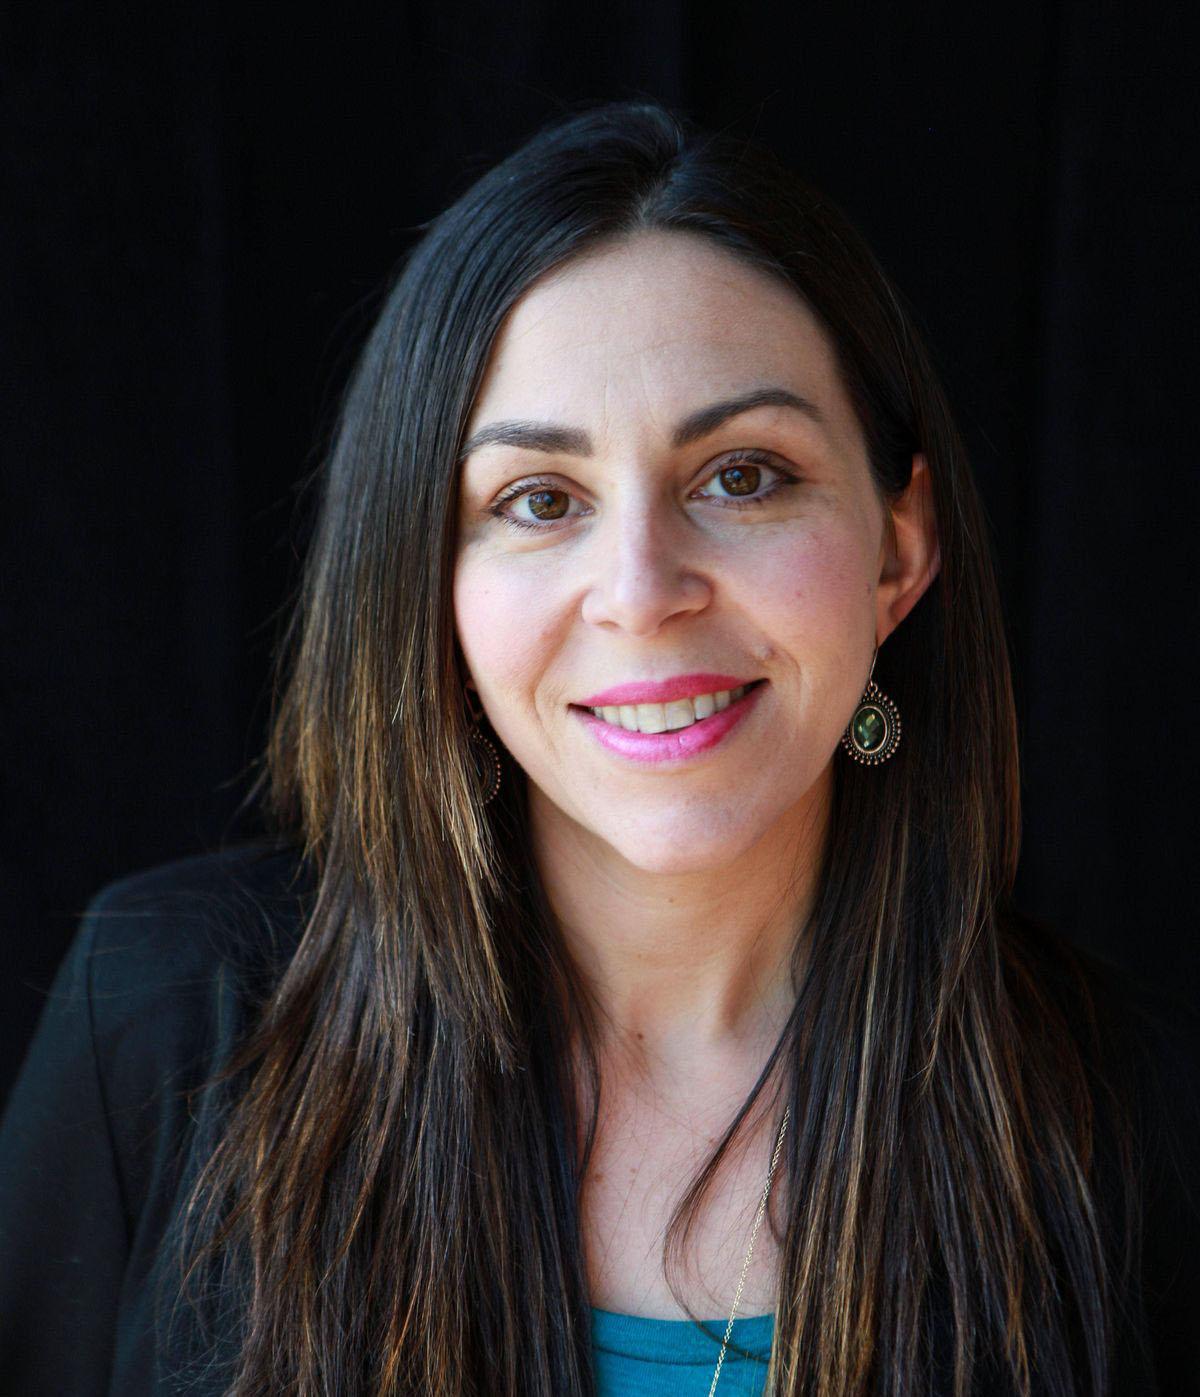 Laura Hertzfeld